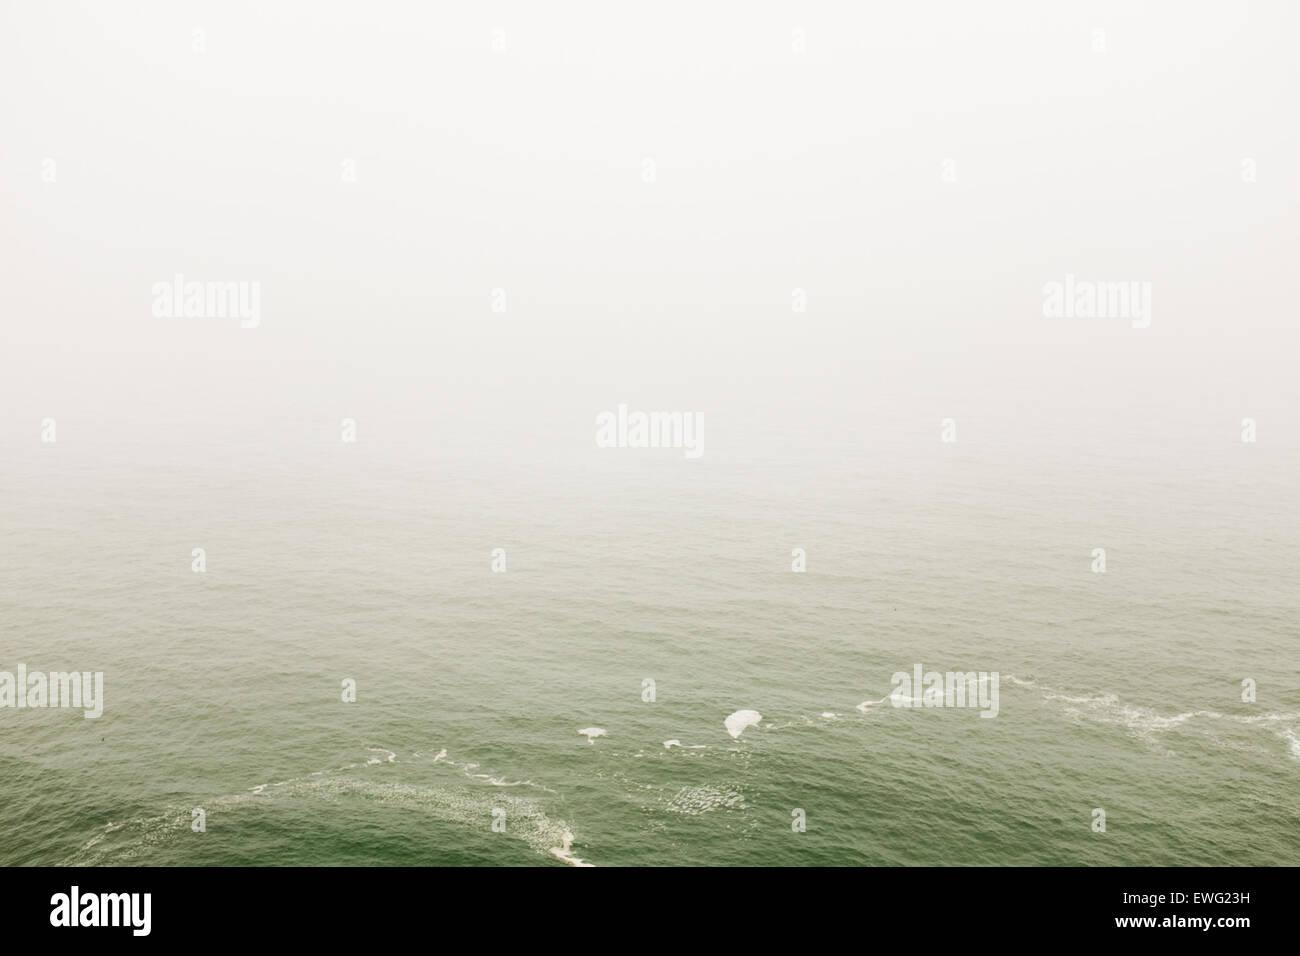 Weißes Meer Wasser minimalistisch Wasser weißer Hintergrund Hintergrund im freien Meereswellen des Ozeans Stockbild